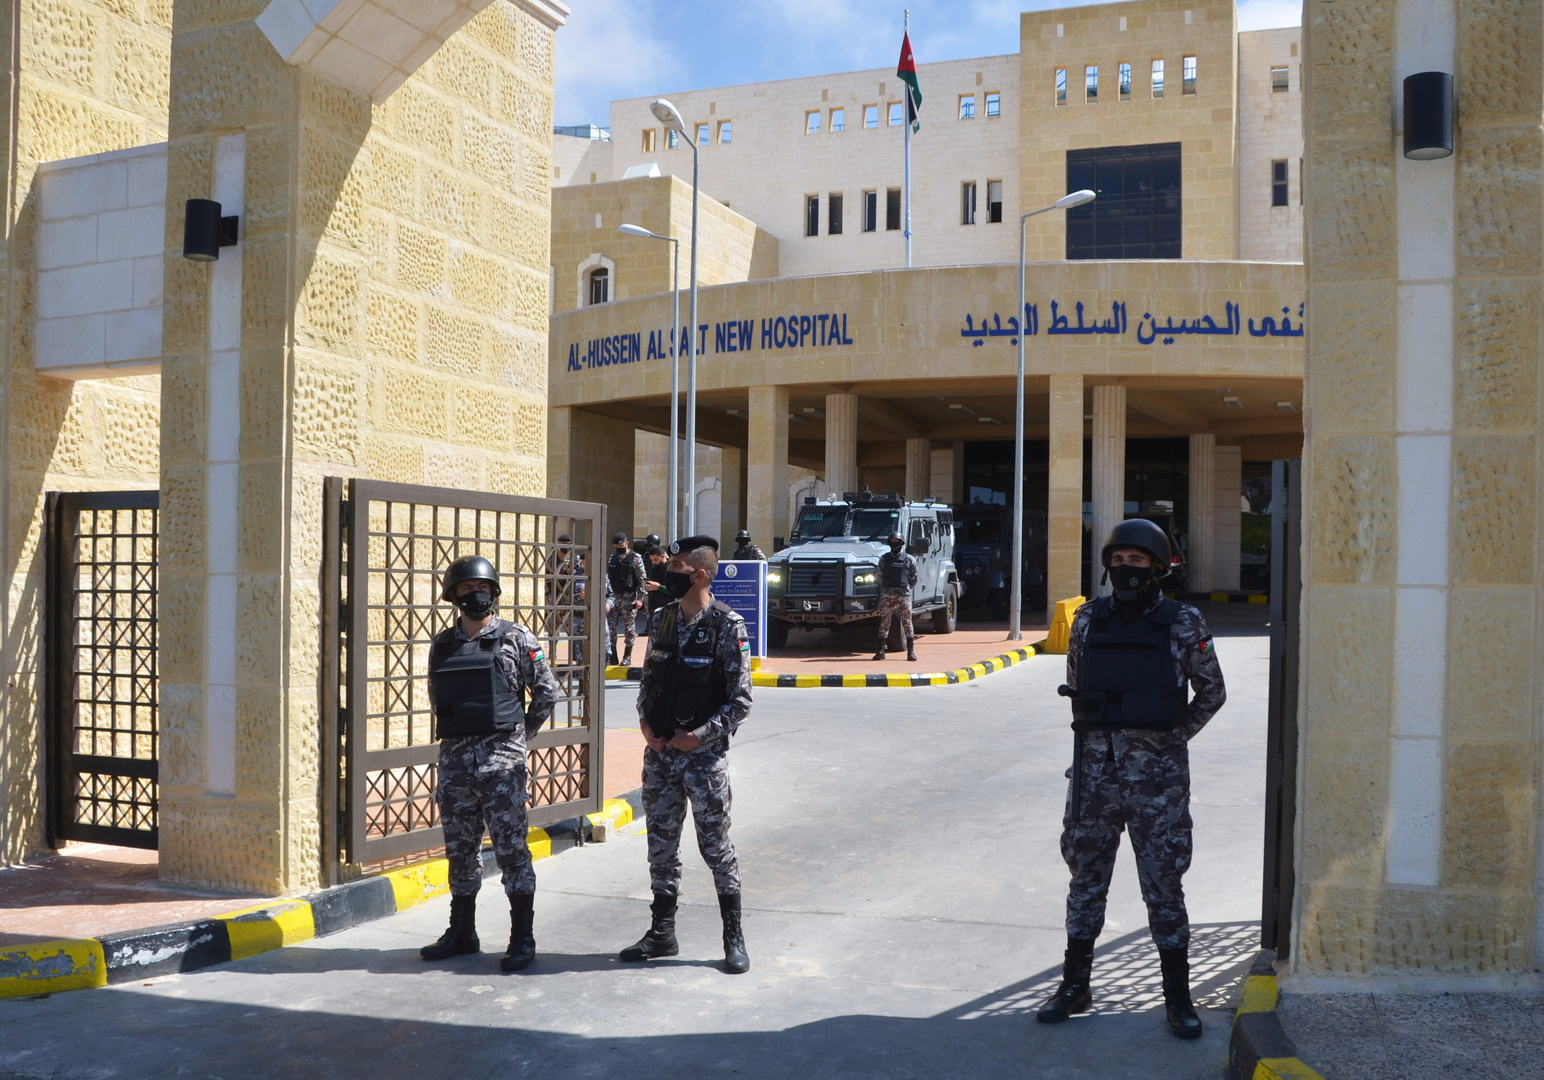 المحكمة ترفض طلب الإفراج عن متهمين بقضية مستشفى السلط في الأردن